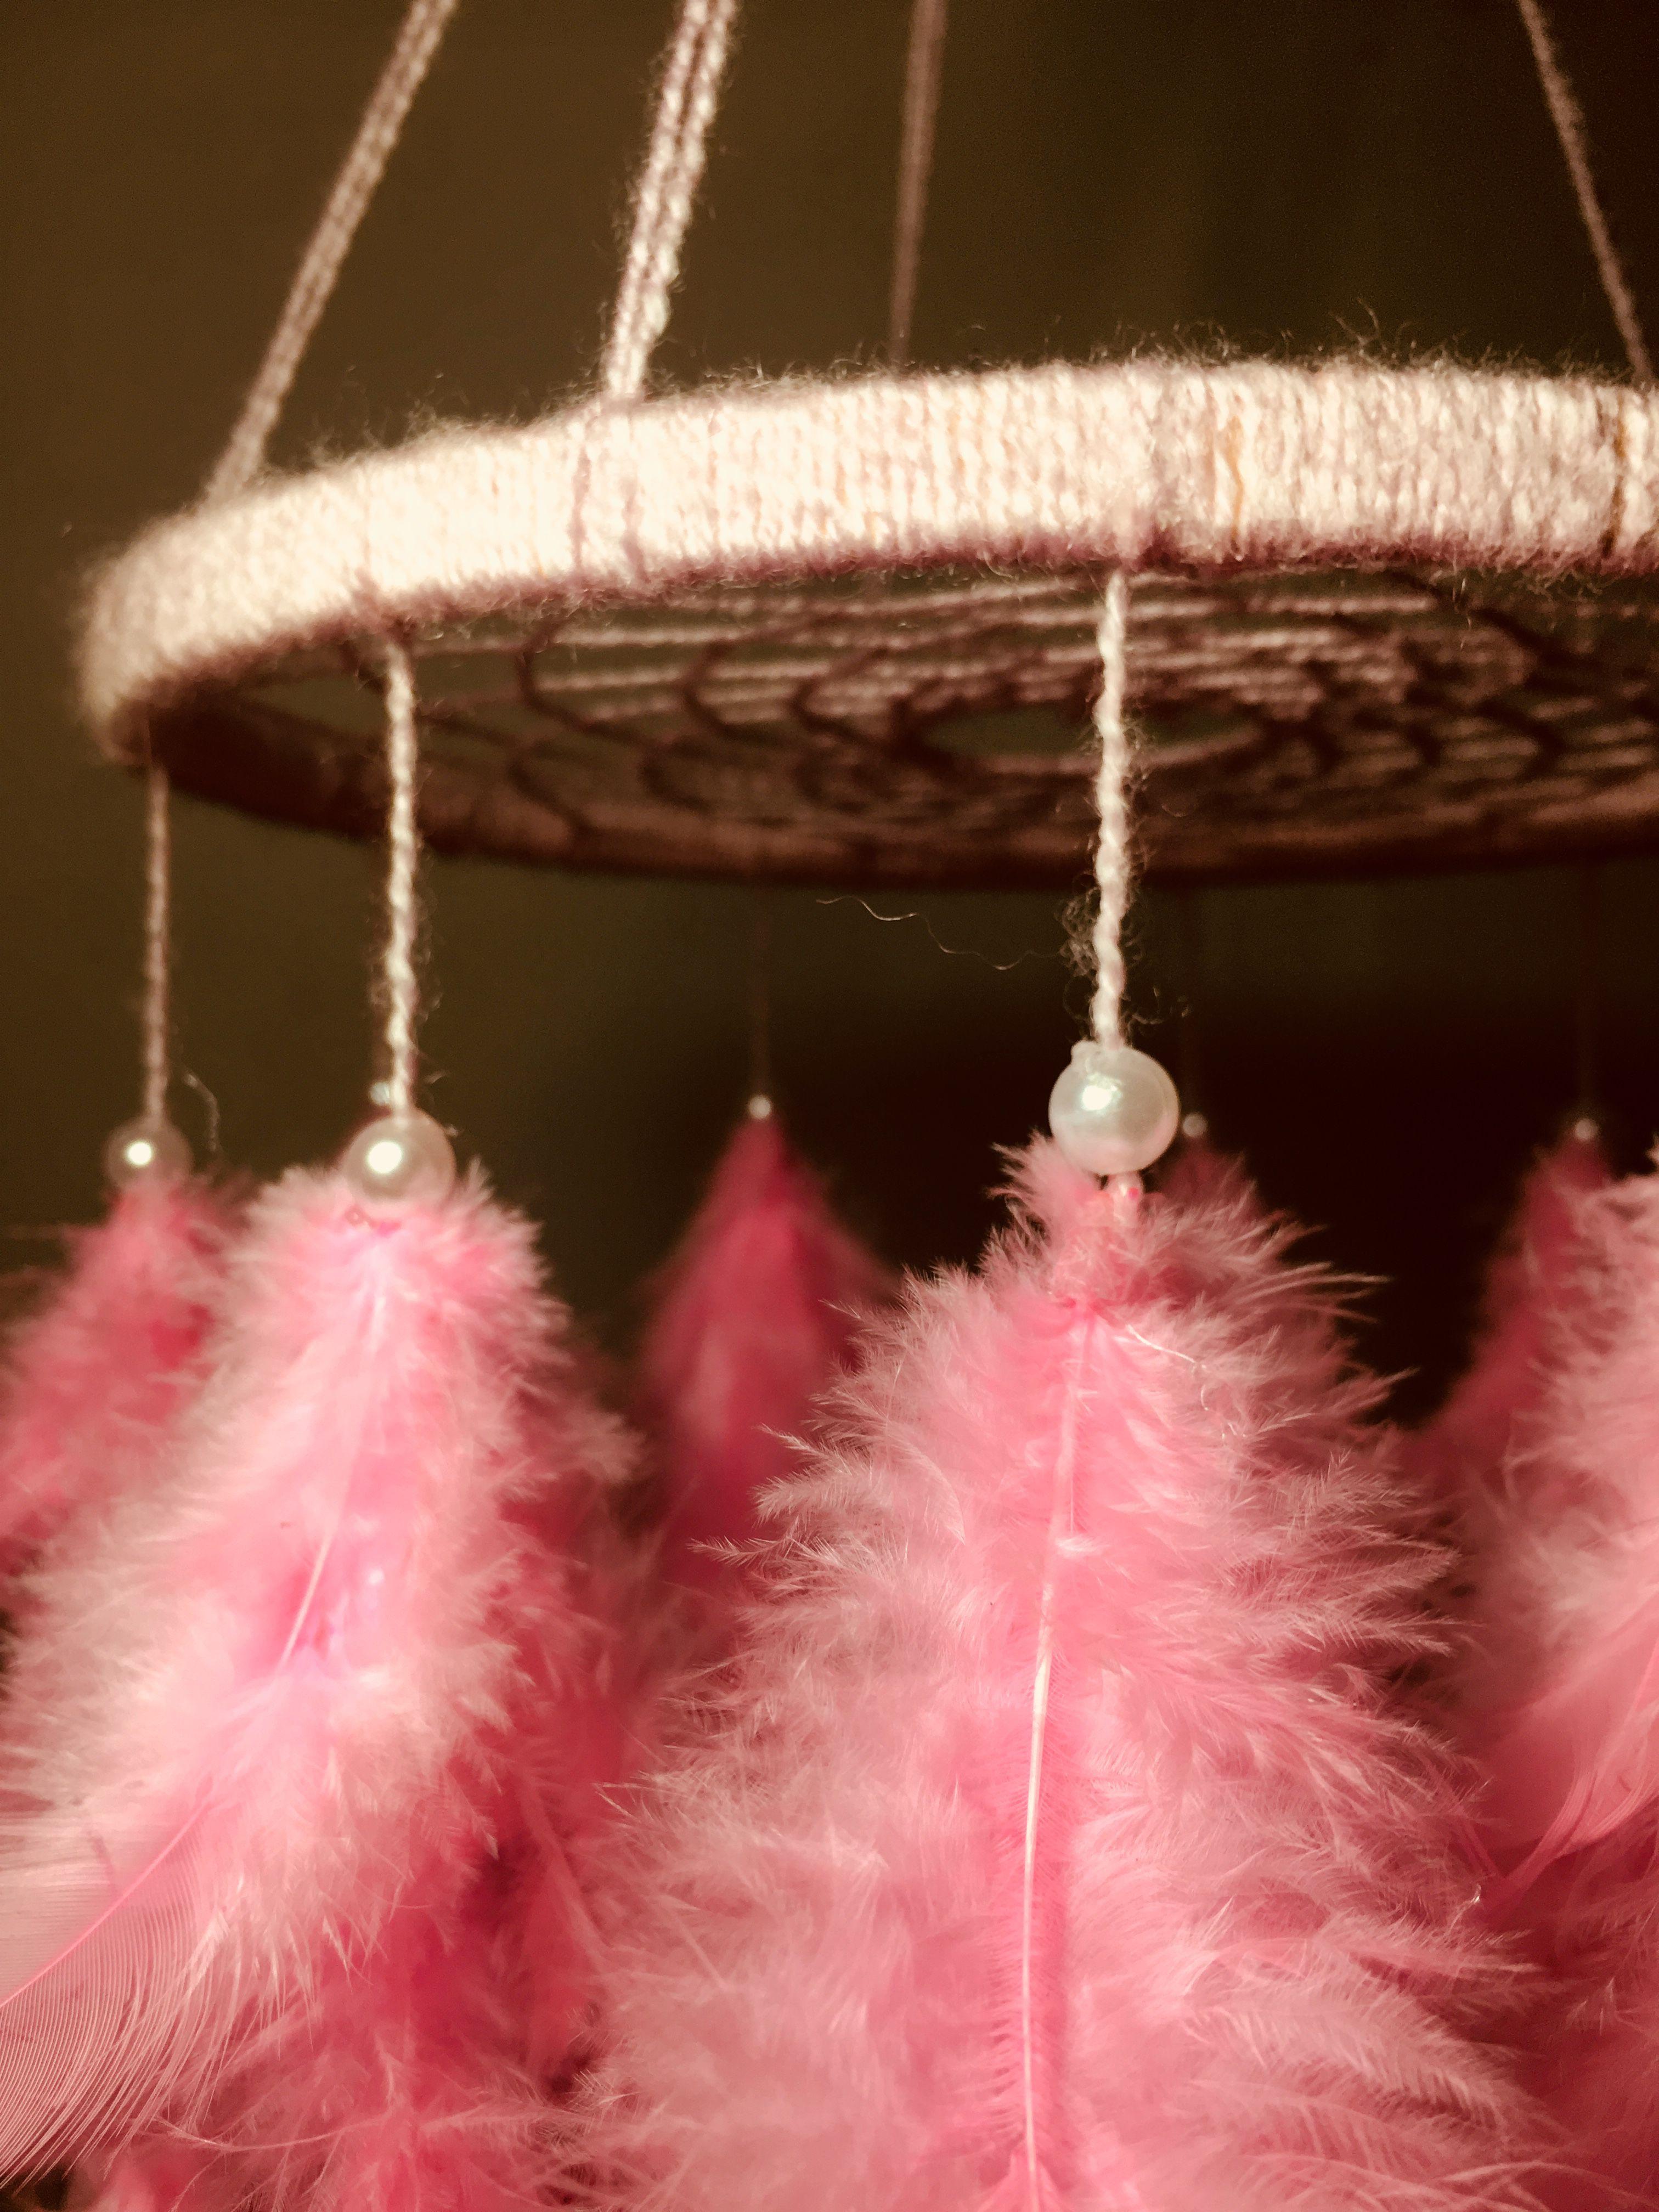 nurserydecor gift ivory wallhanging babyshowergift valentinesday